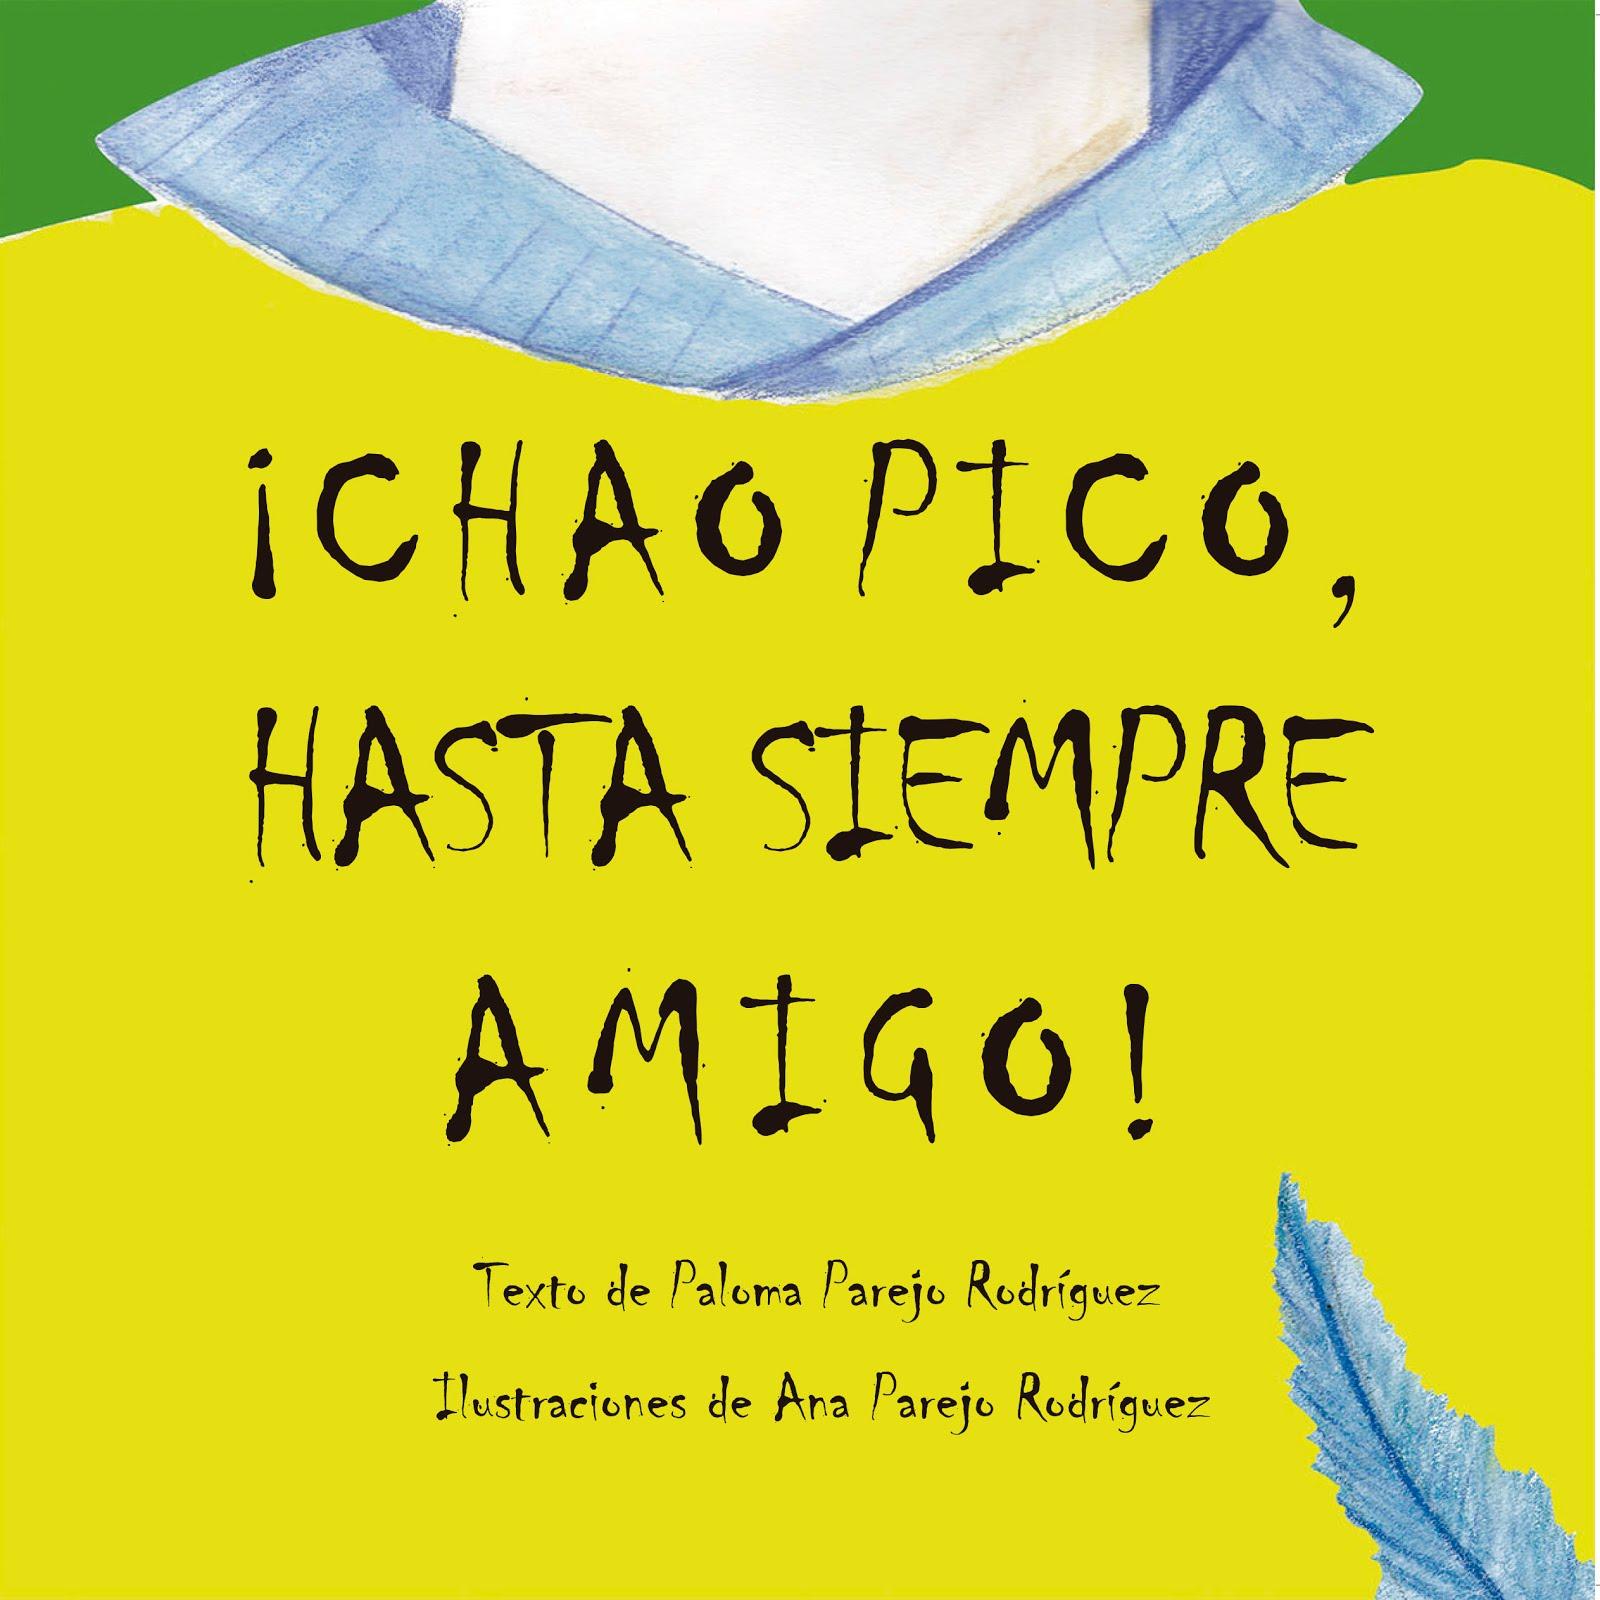 ¡Chao Pico, hasta siempre amigo!